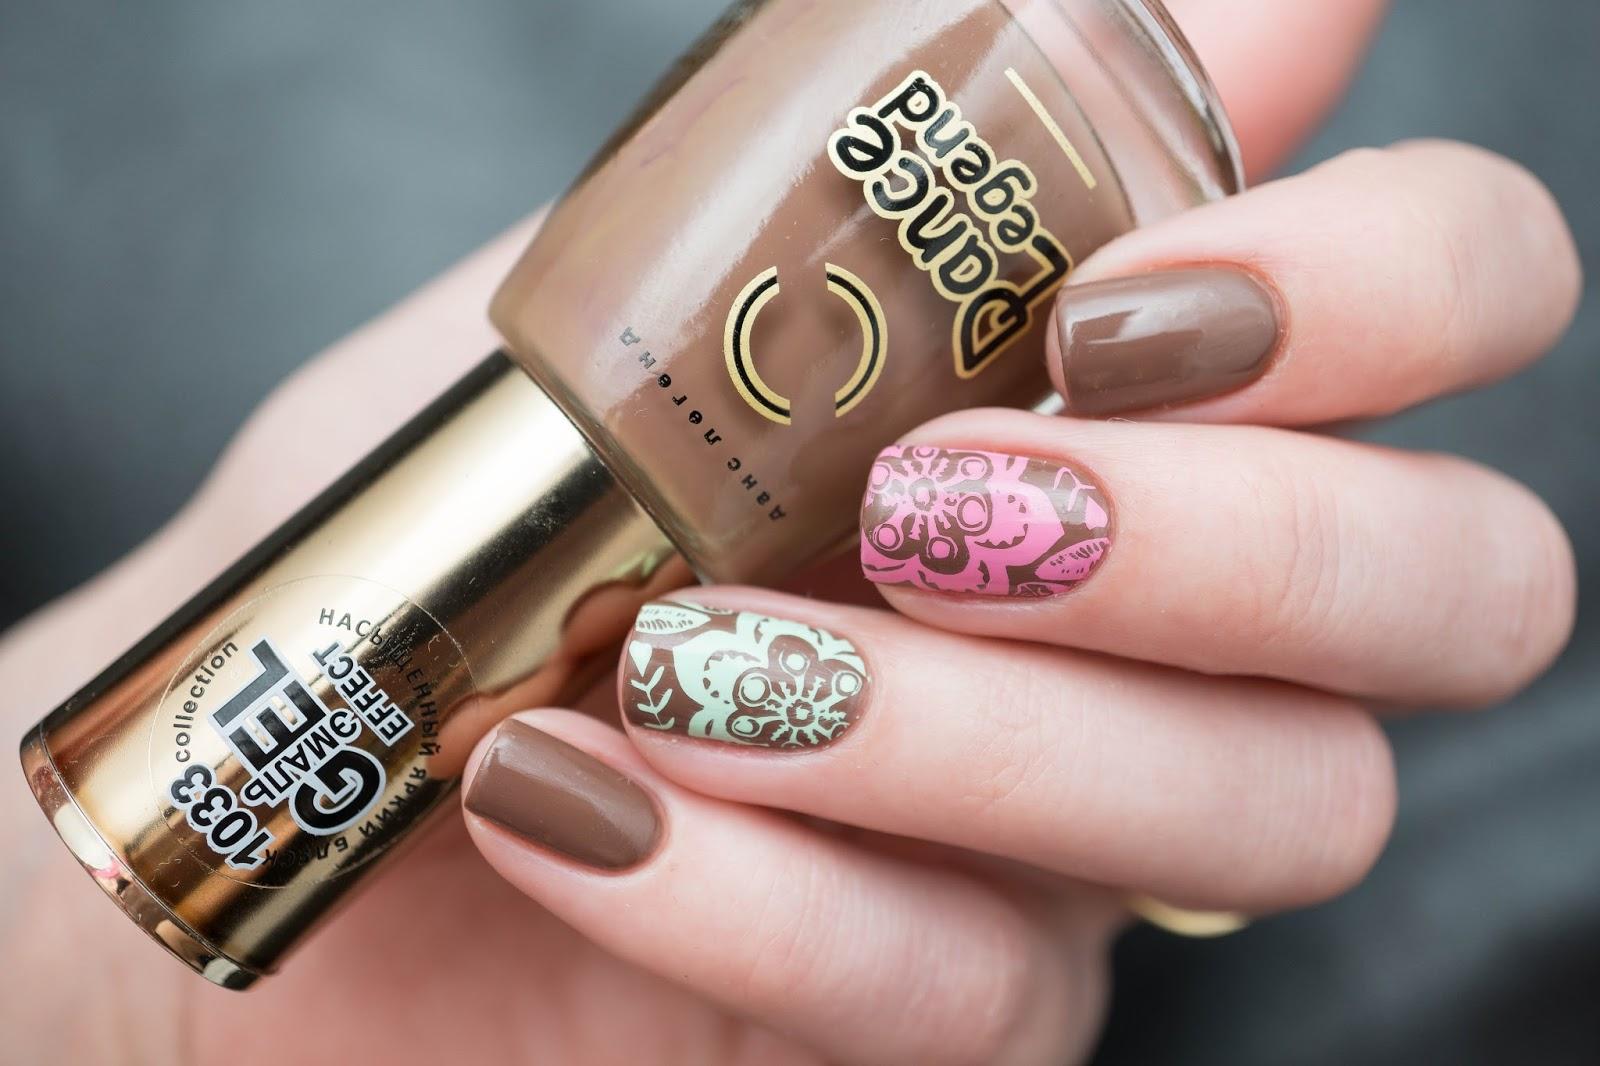 Цвет мокко фото на ногтях